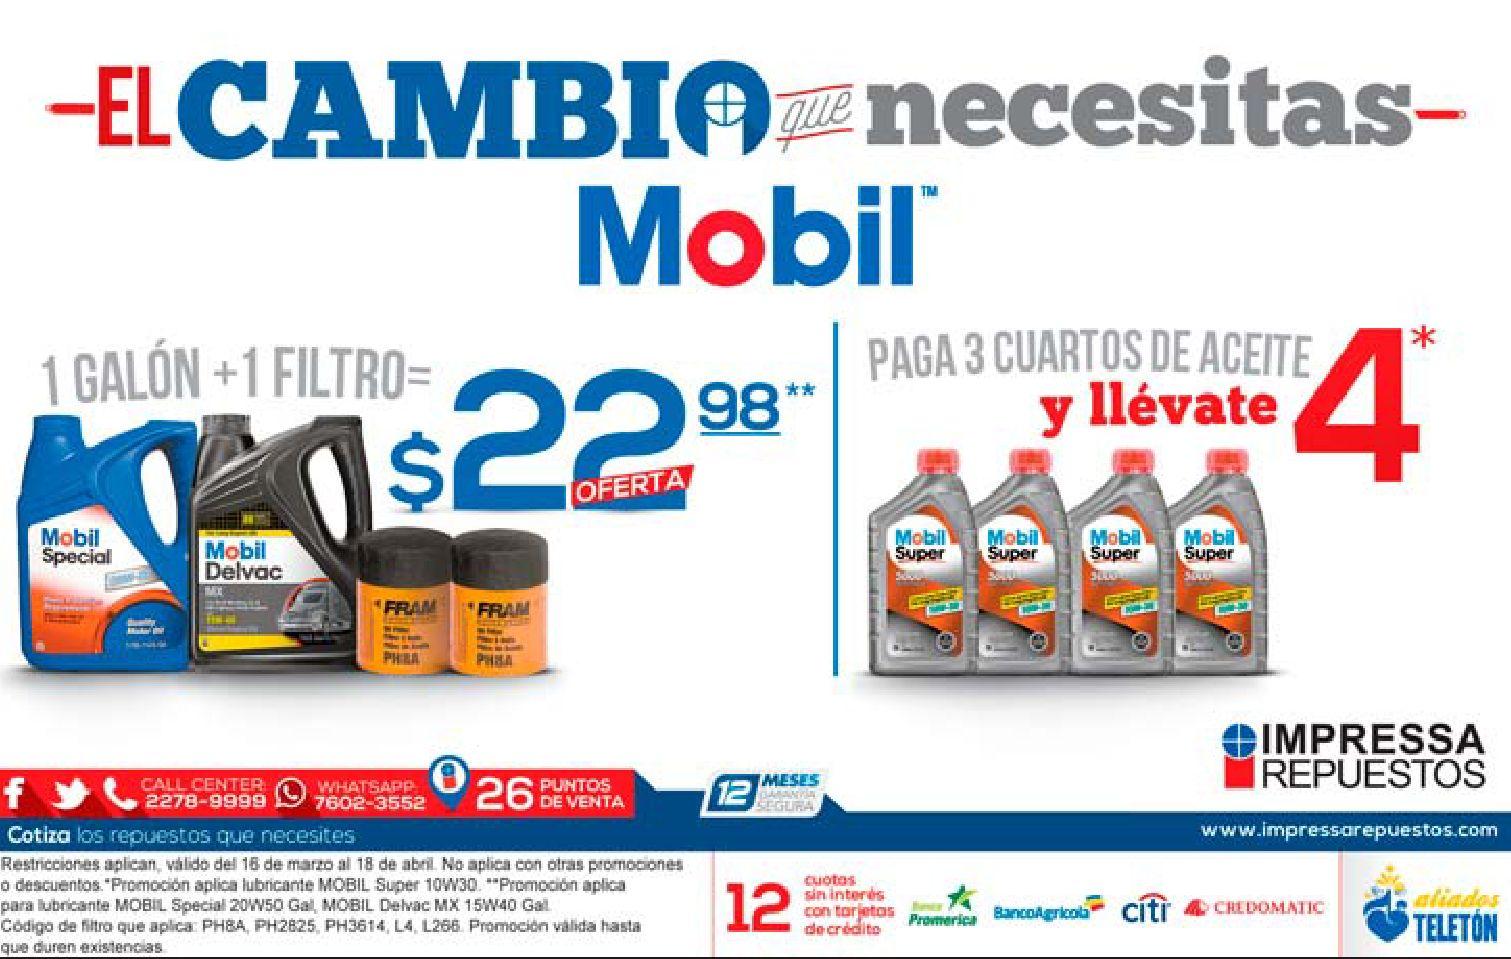 oferta en cambio de aceite MOBIL impresa repuestos - 06abr15